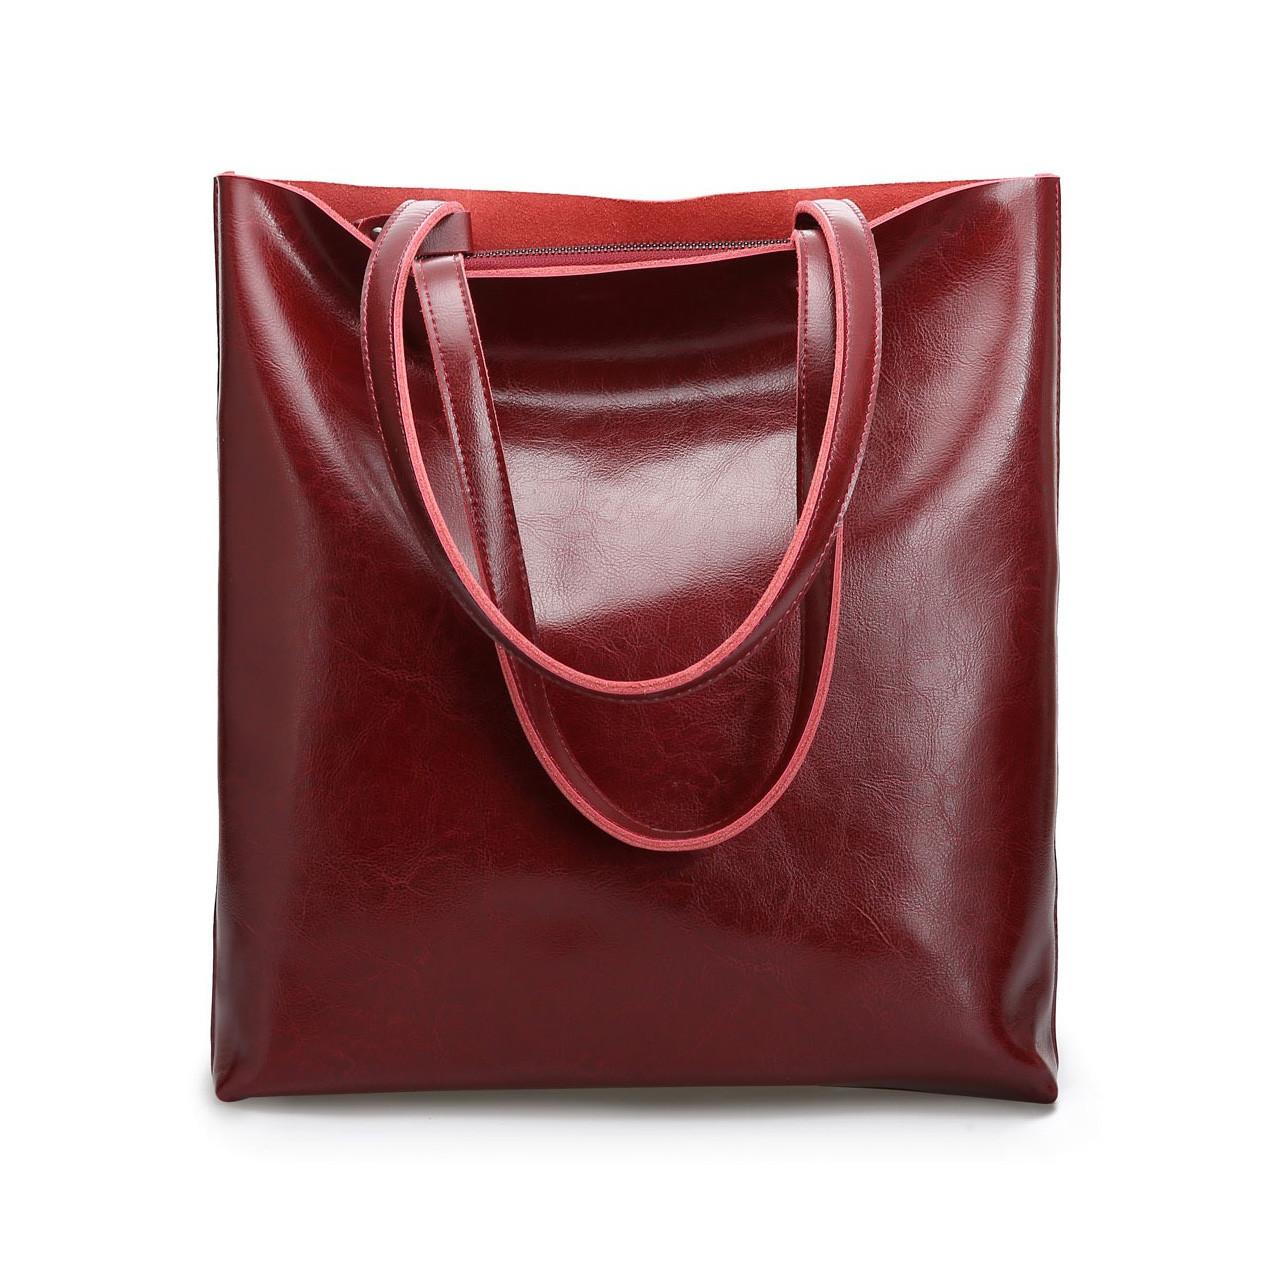 Сумка шкіряна жіноча. Сумочка шопер жіноча з натуральної шкіри (червоний)